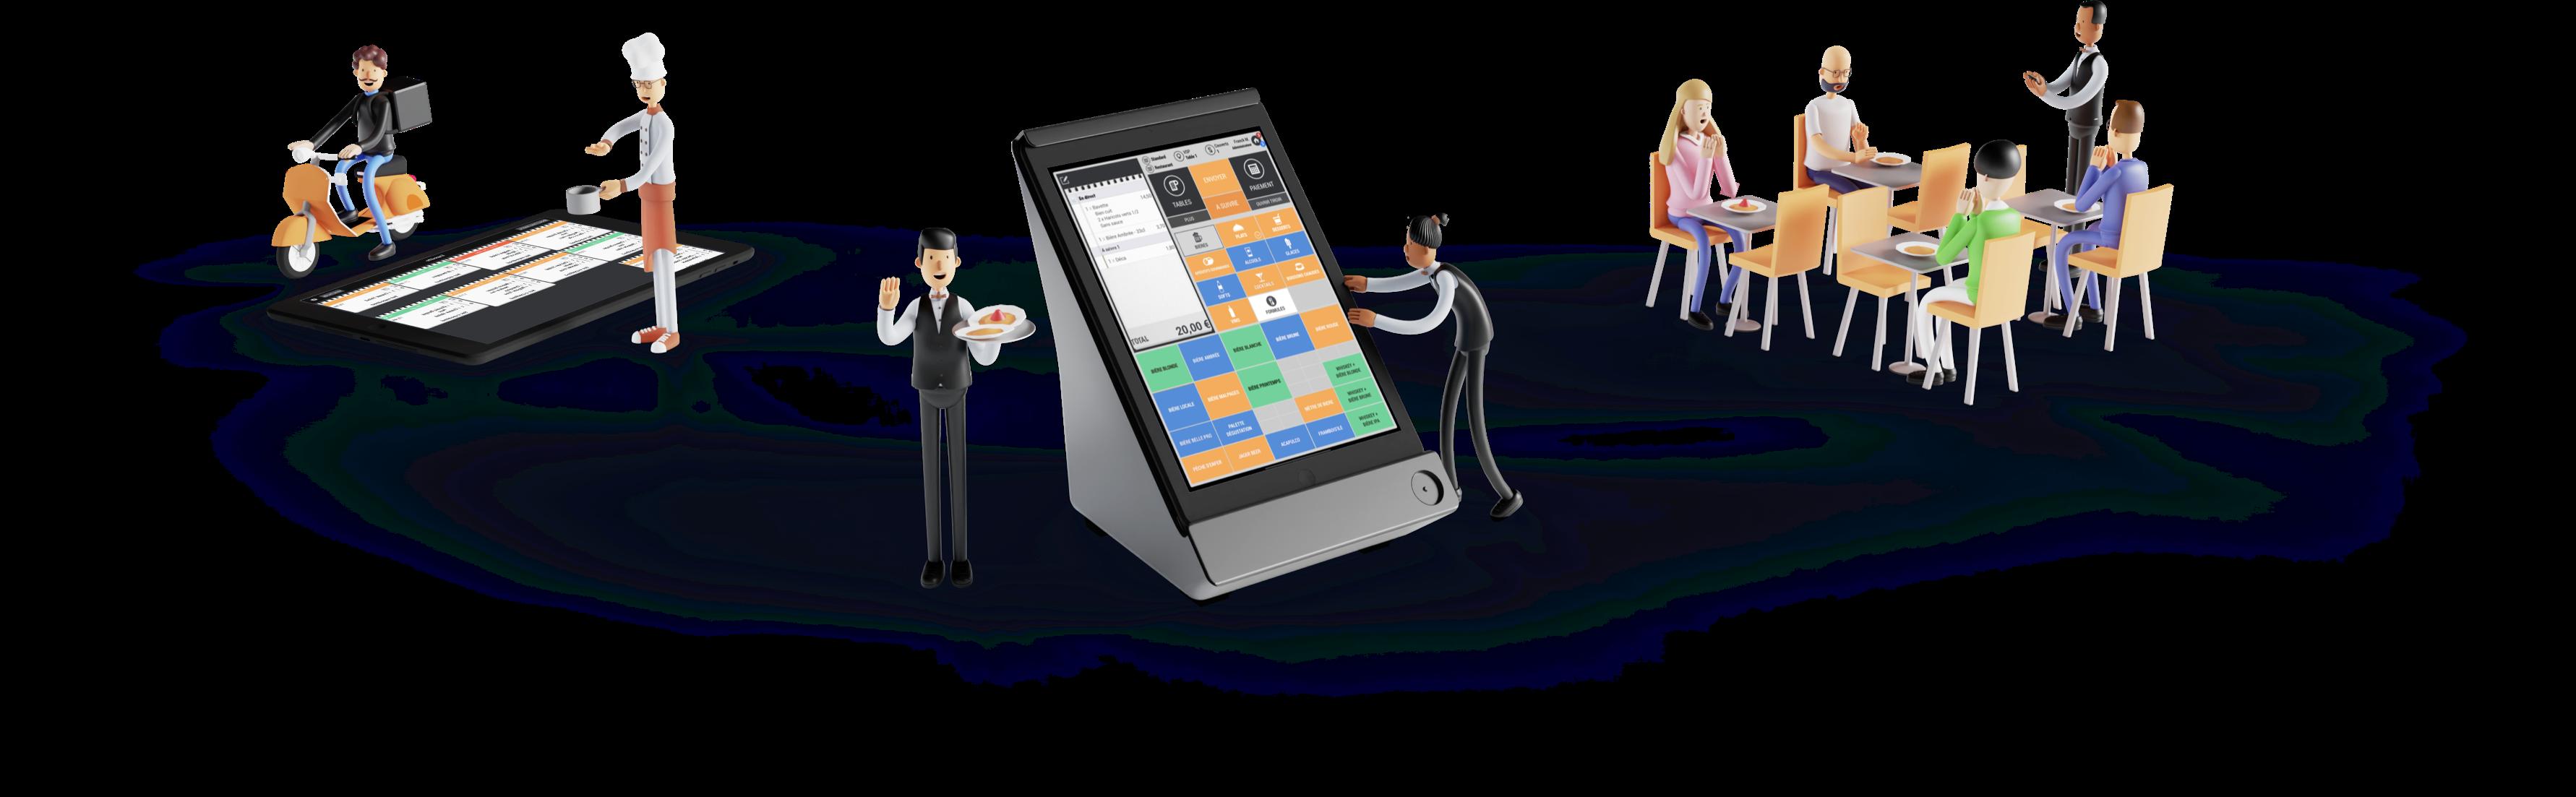 Cashpad POS - Caisse enregistreuse iPad utilisé par les serveurs d'un restaurant.  Cashpad KDS, Écran cuisine utilisée par un chef cuisinier, et livreur Uber Eat et Deliveroo.  Salle de restaurant, avec des clients qui mangent heureux d'être servis avec Cashpad.